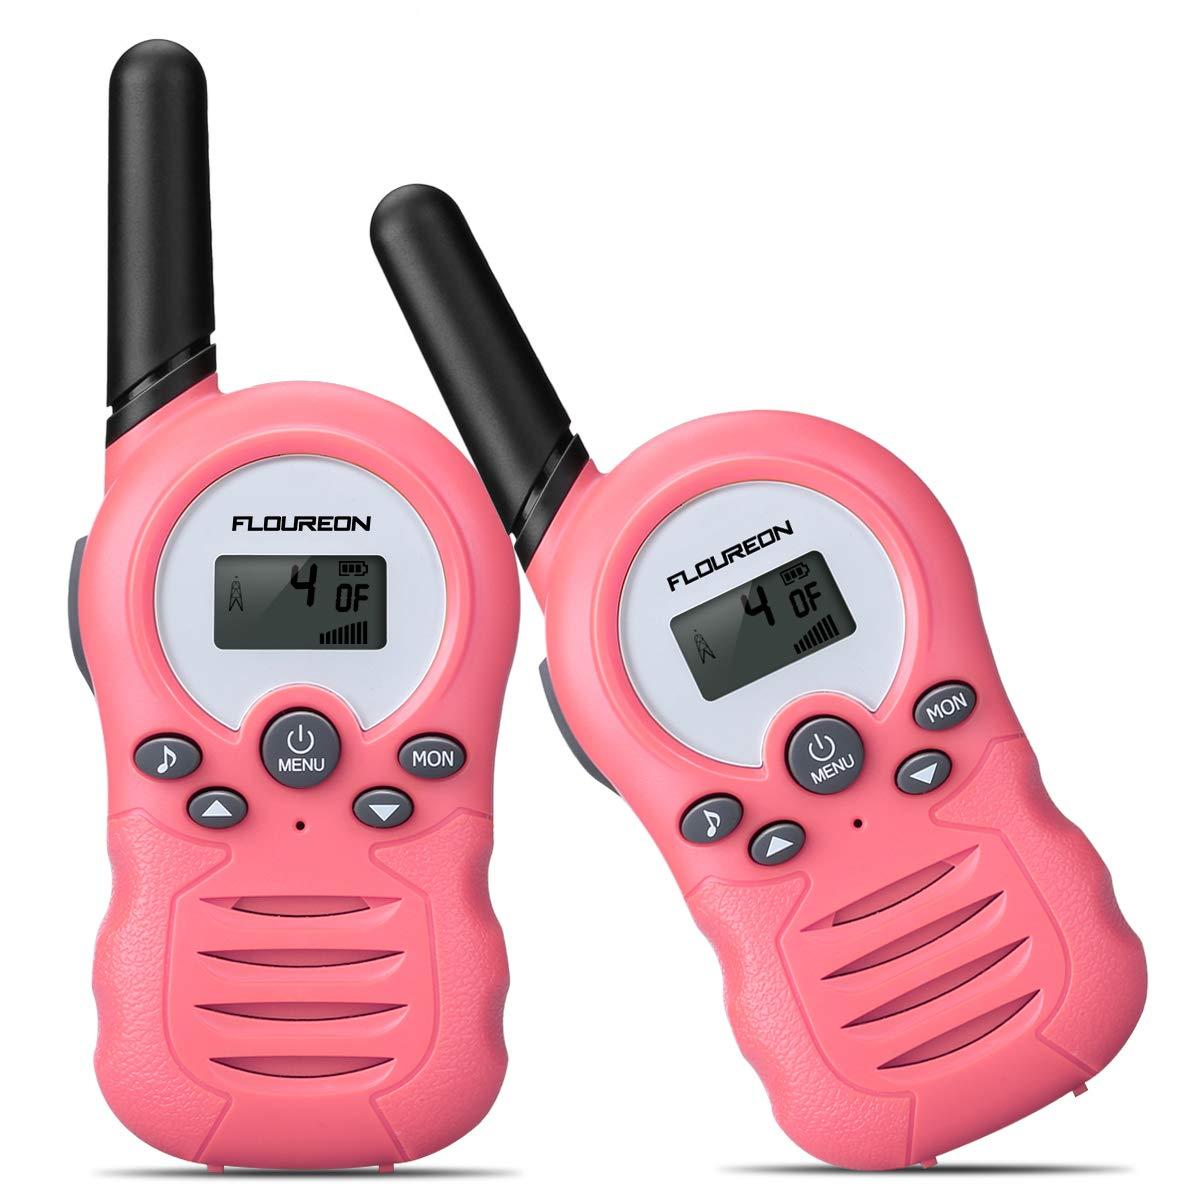 floureon Kids Walkie Talkies Two Way Radios 22 Channel 3000M (MAX 5000M Open Field) UHF Long Range Handheld Talkies Talky (Pink 2) by floureon (Image #1)